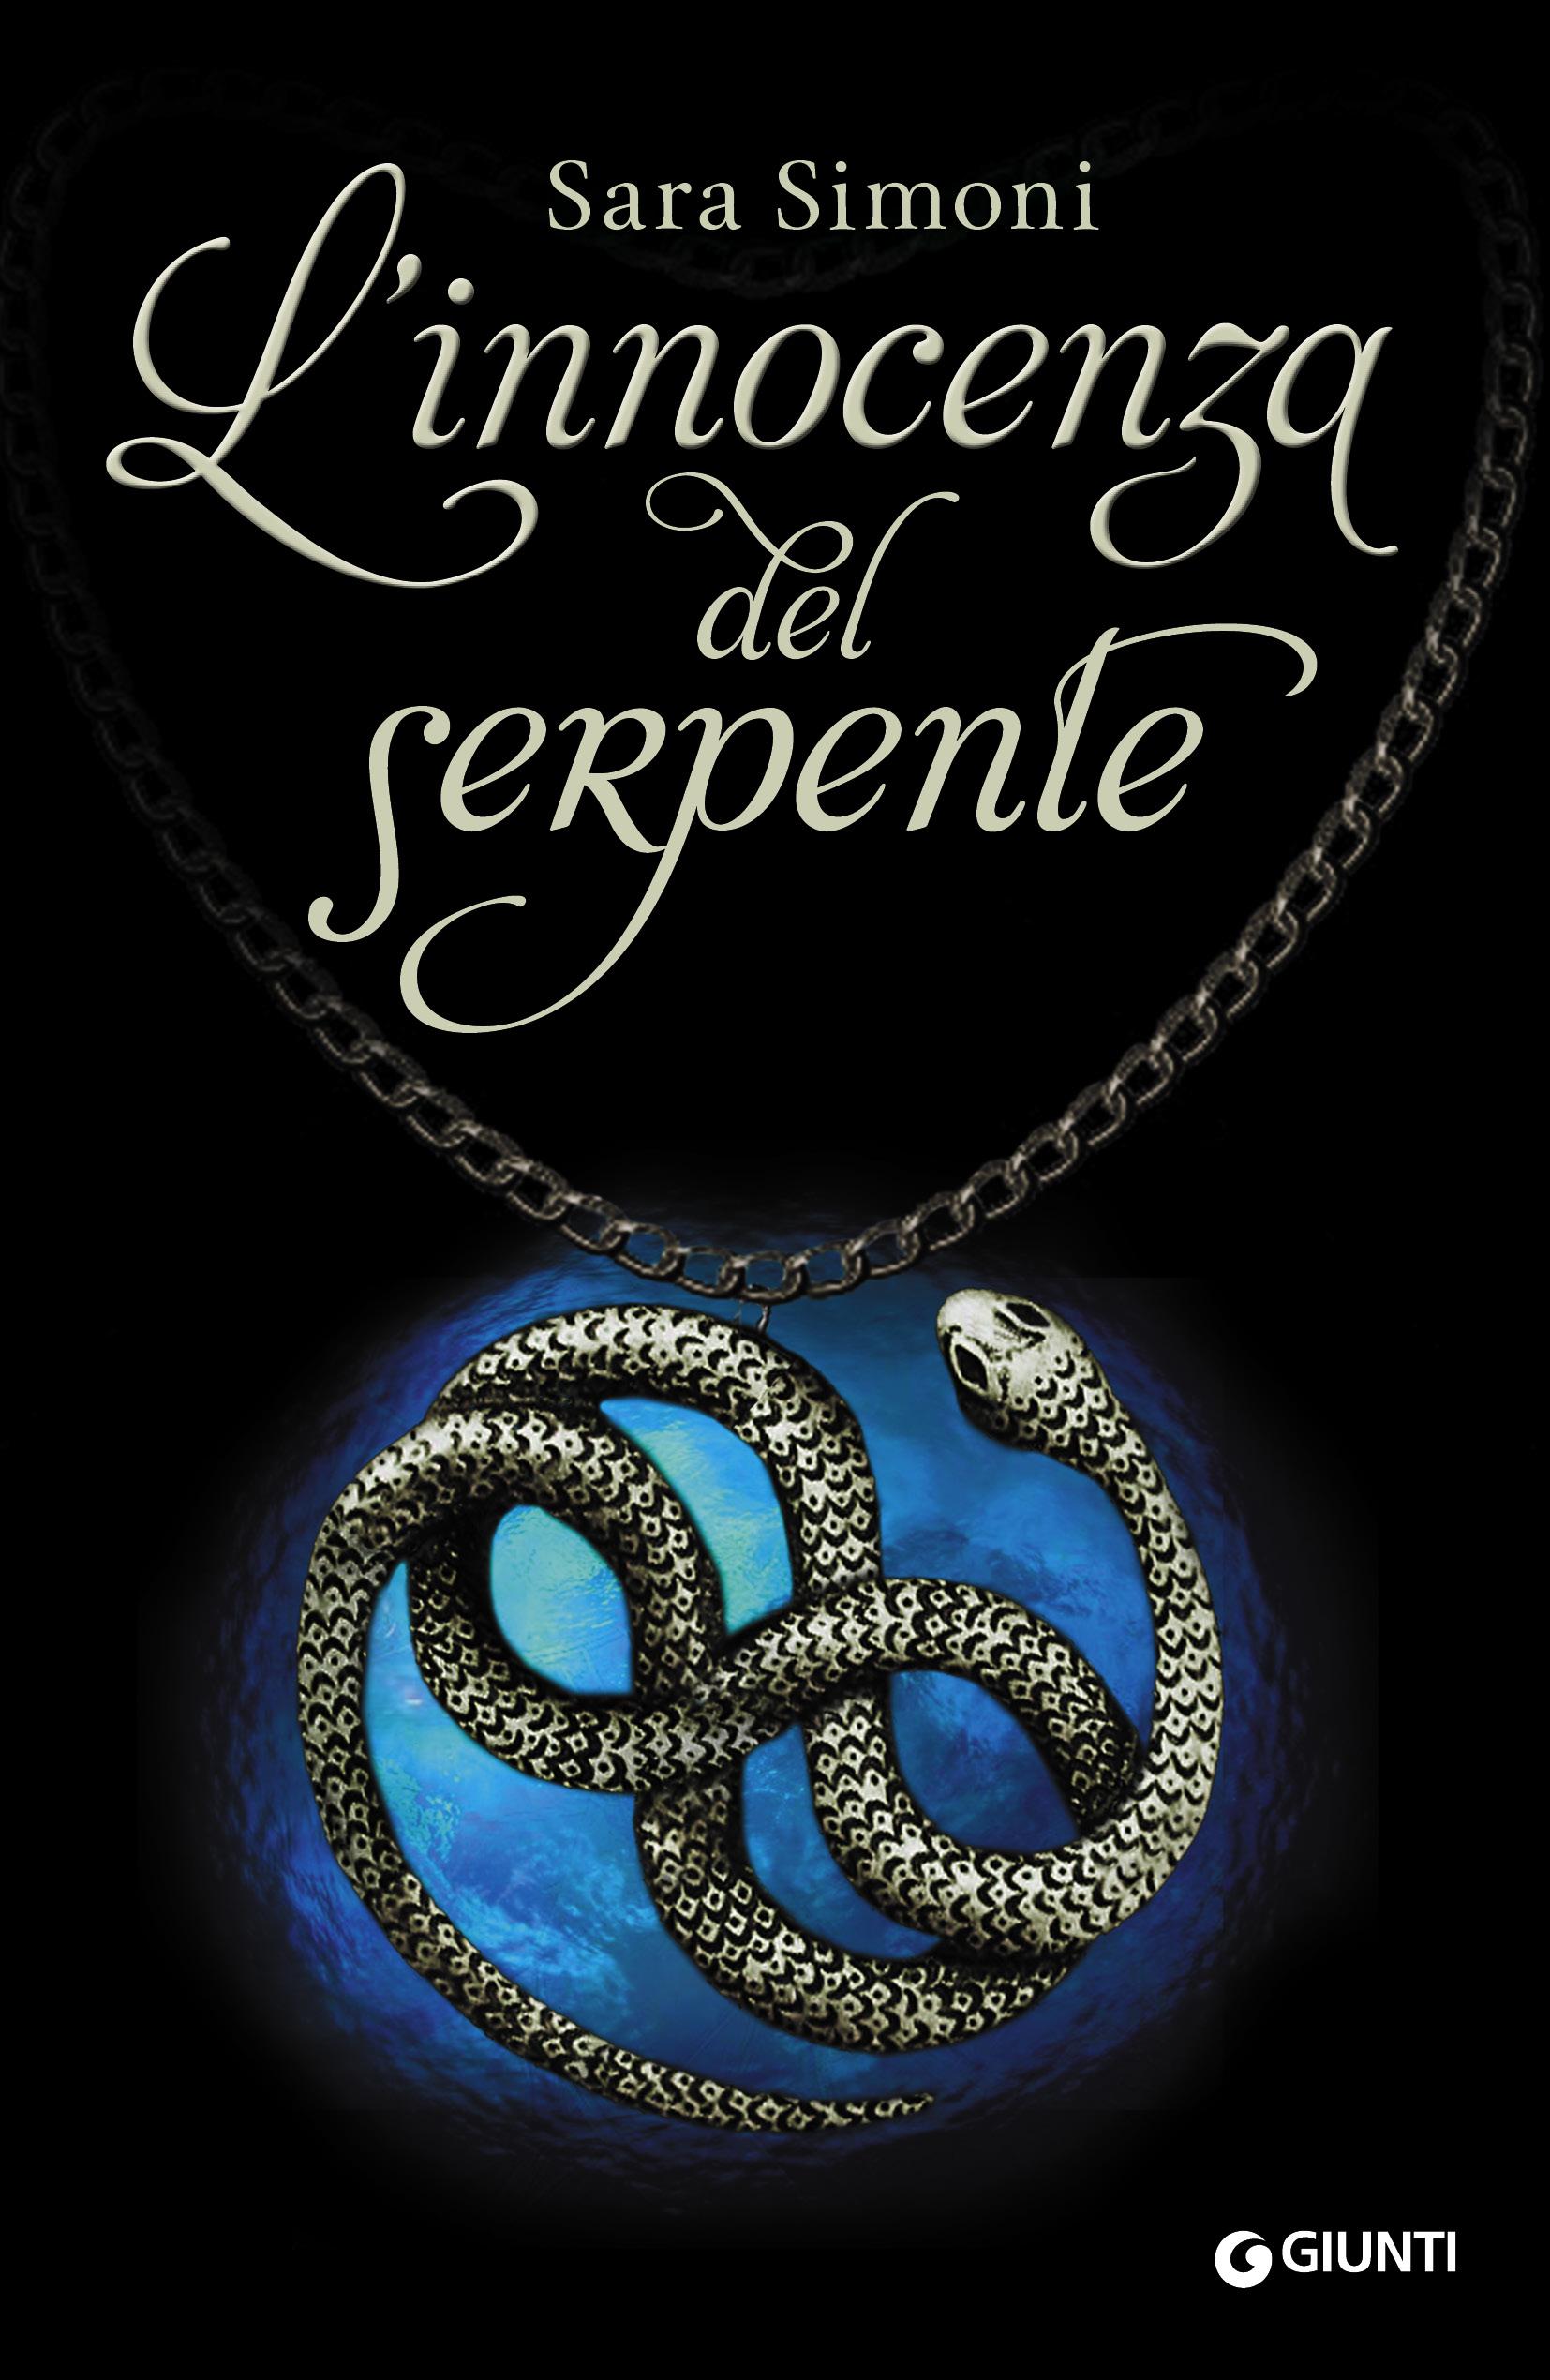 L'innocenza del serpente